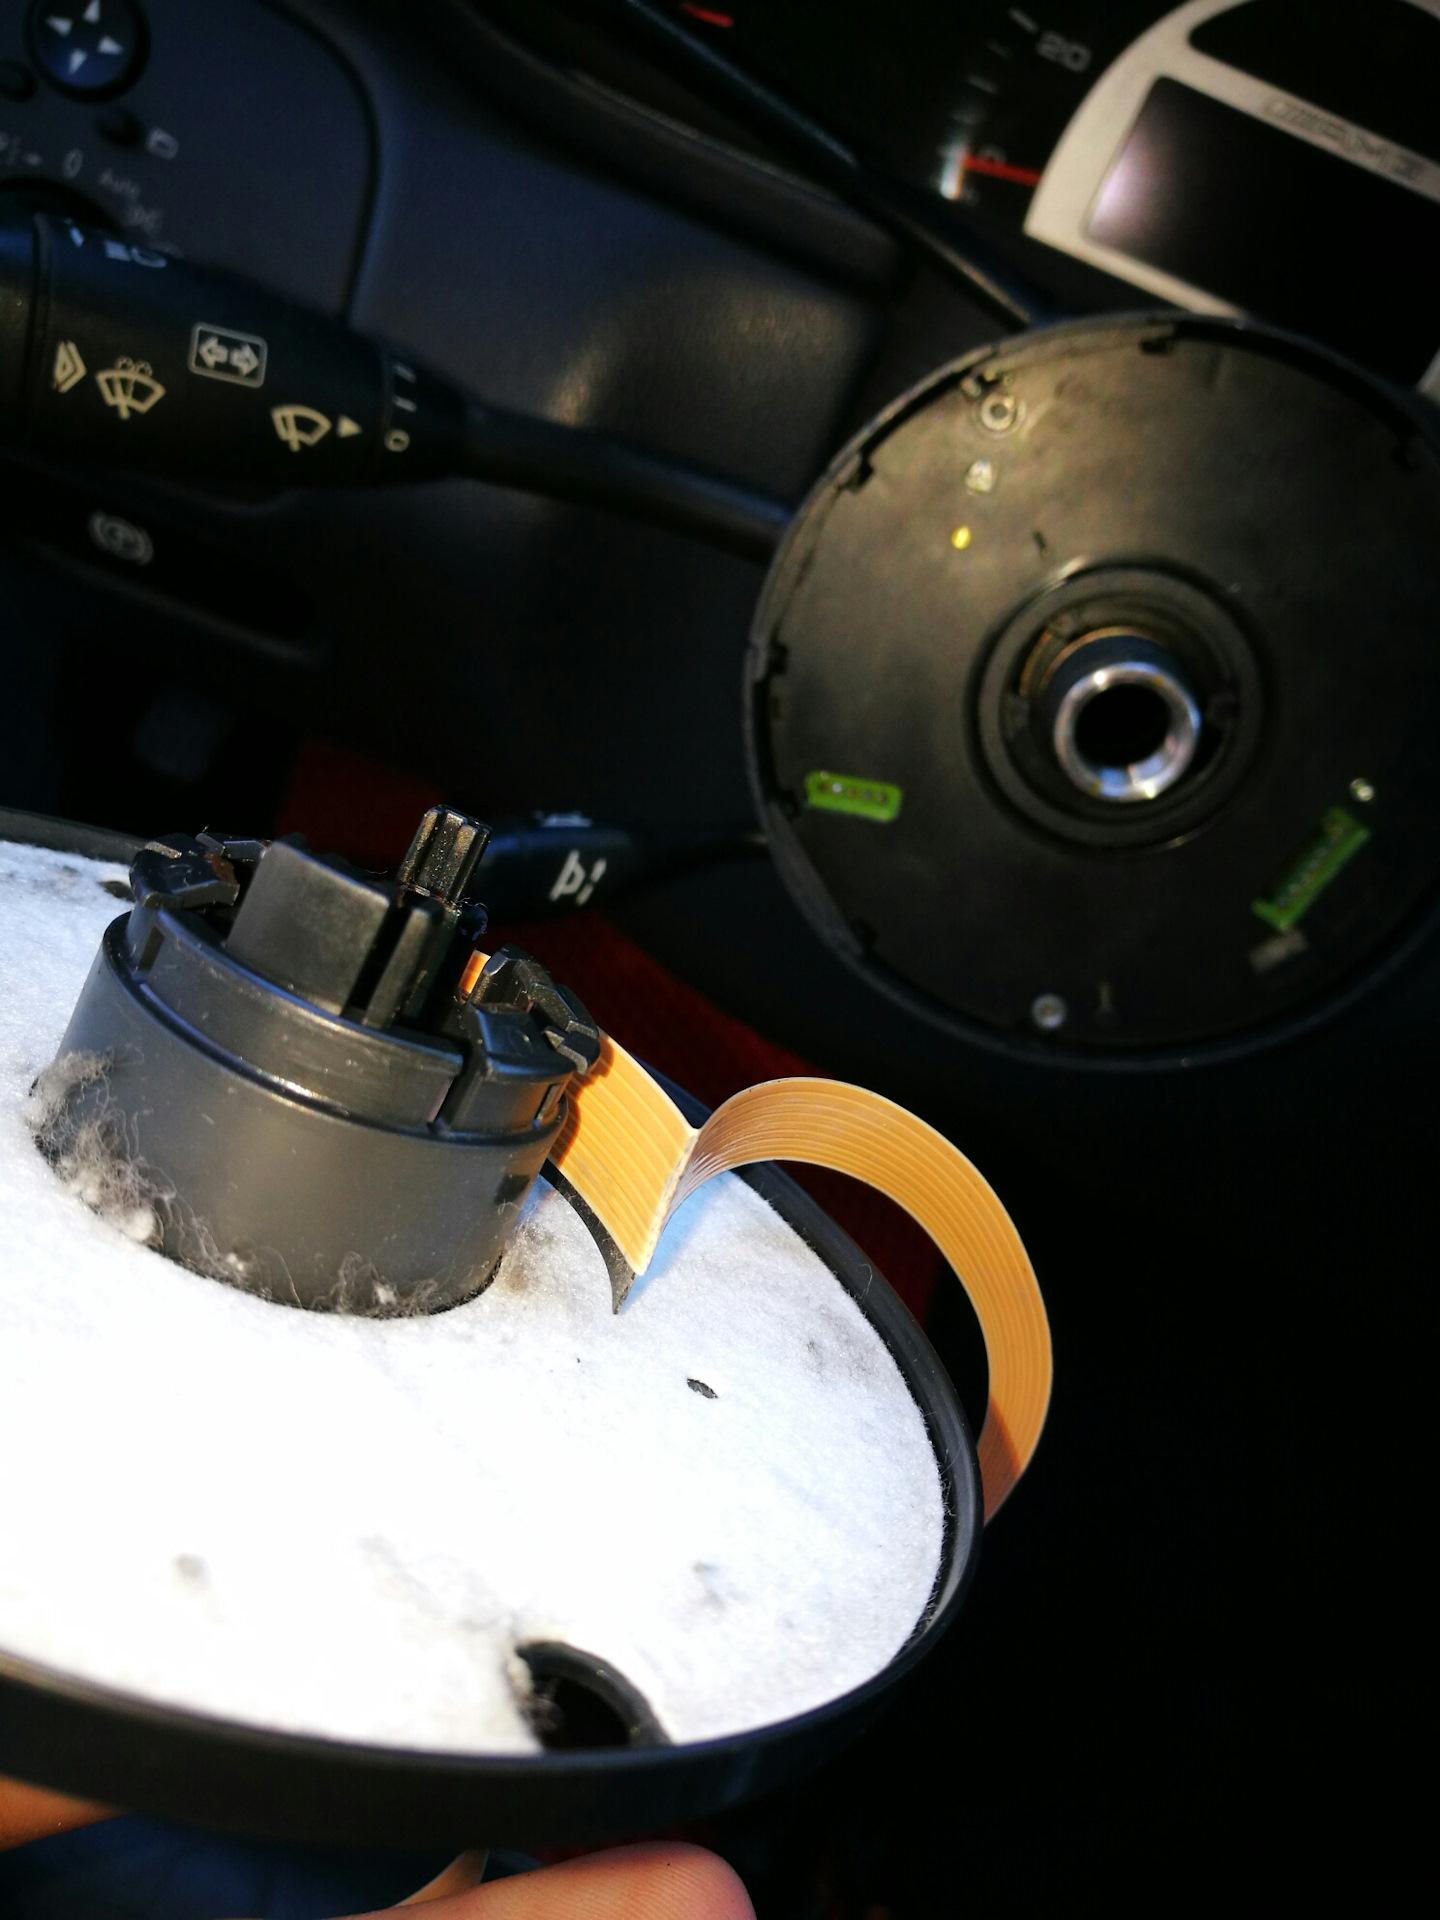 ремонт шлейфа на рулевой колонке мерседес